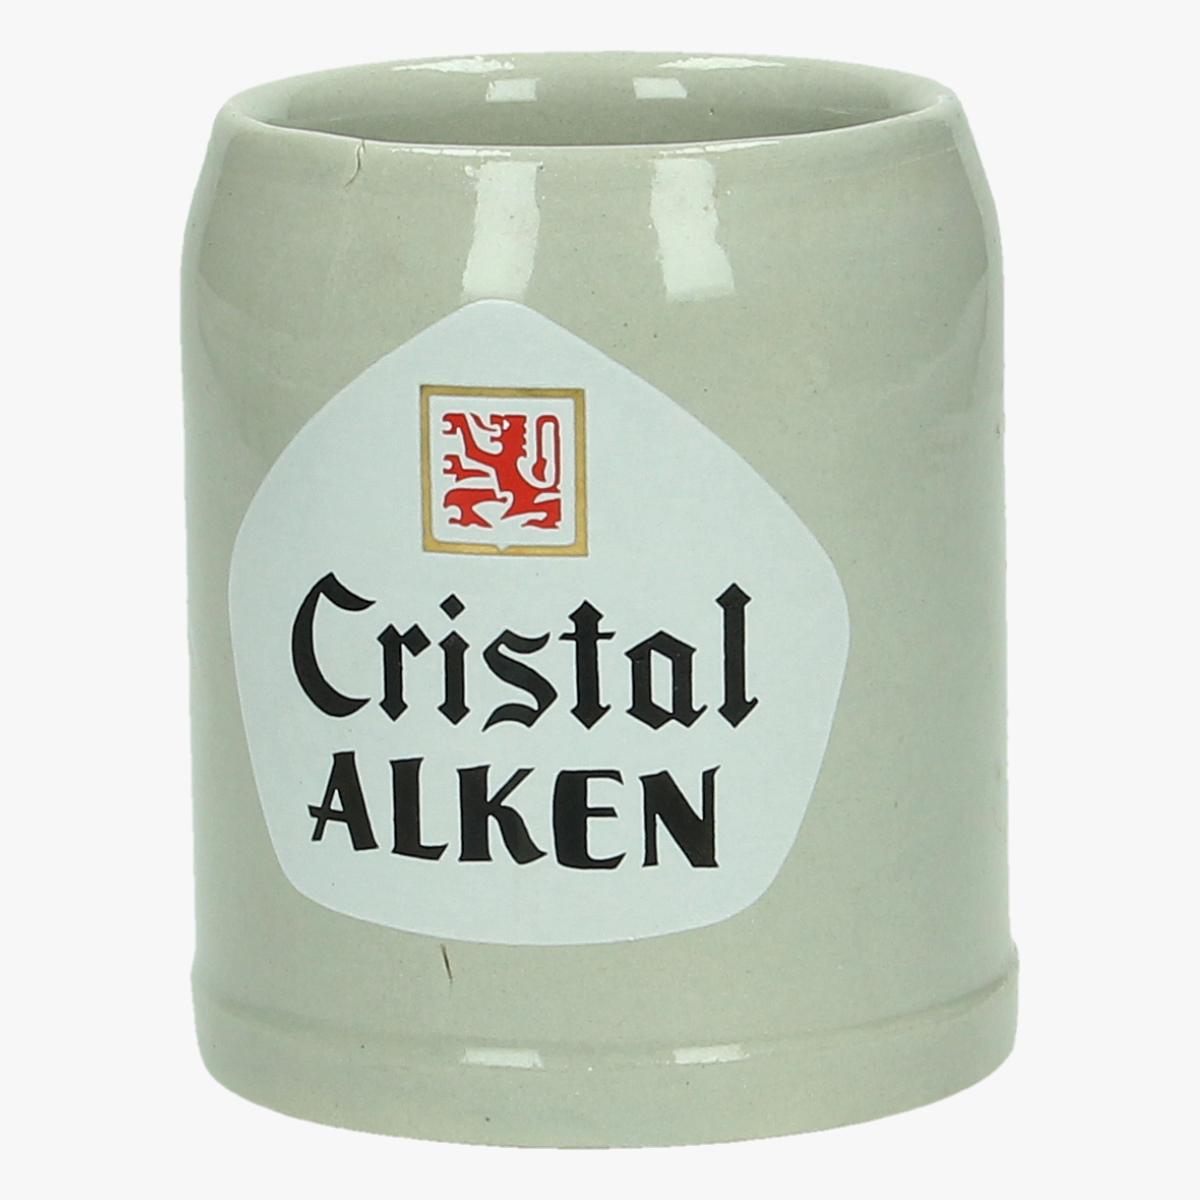 Afbeeldingen van stenen pul cristal alken